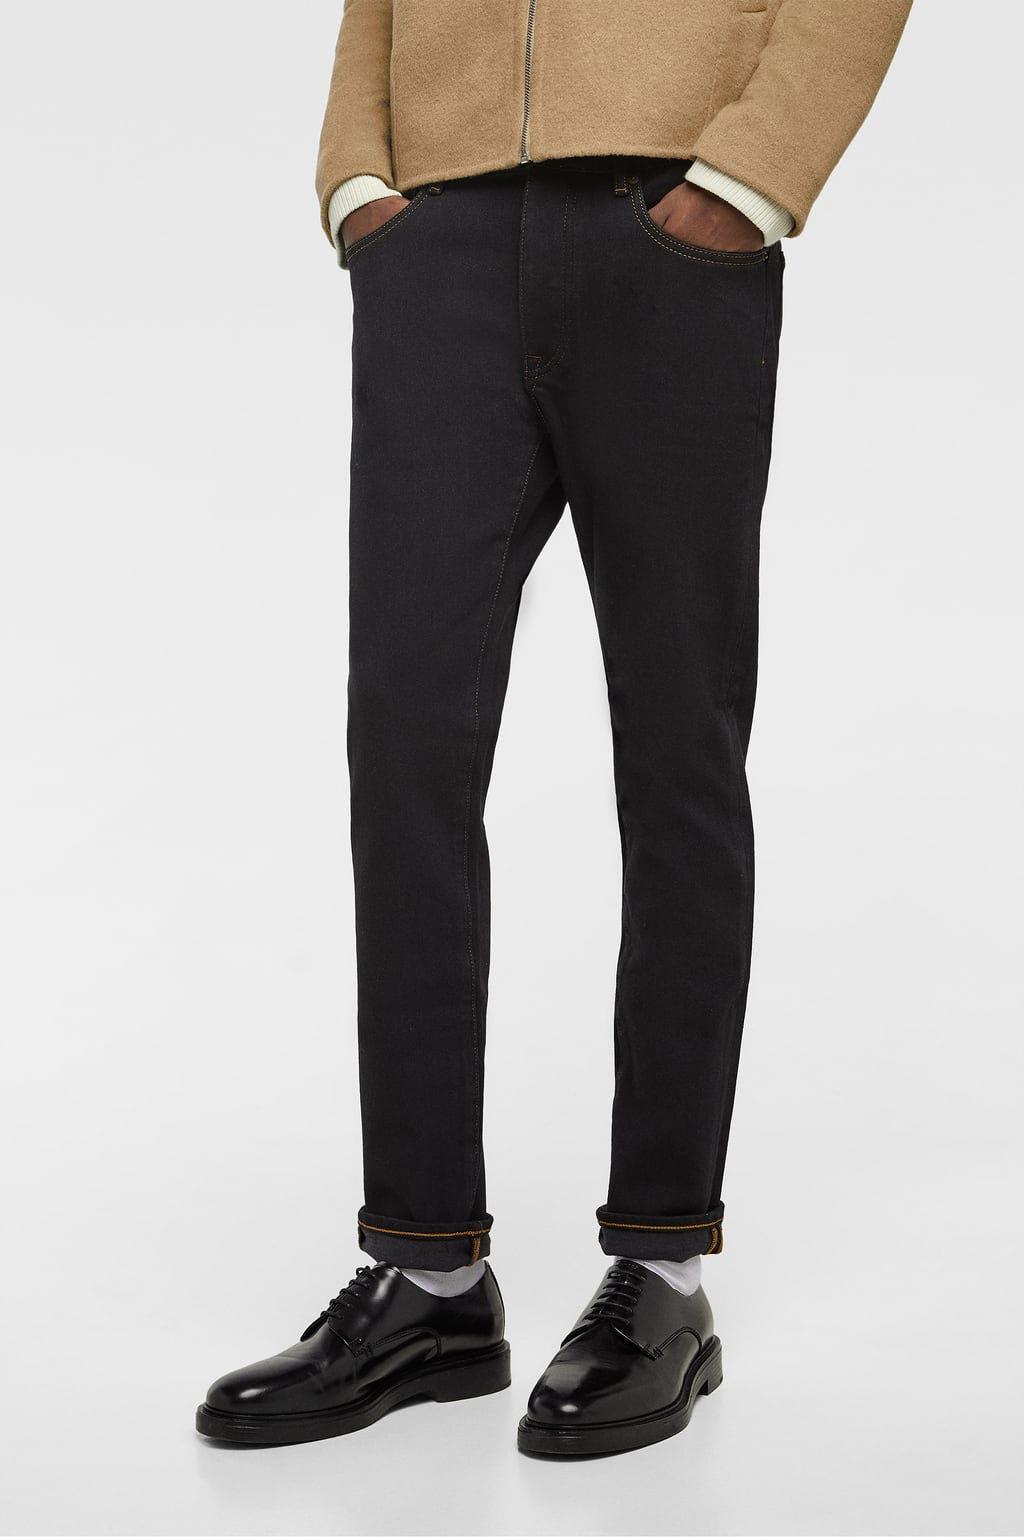 Premium Stretch Jeans in Black